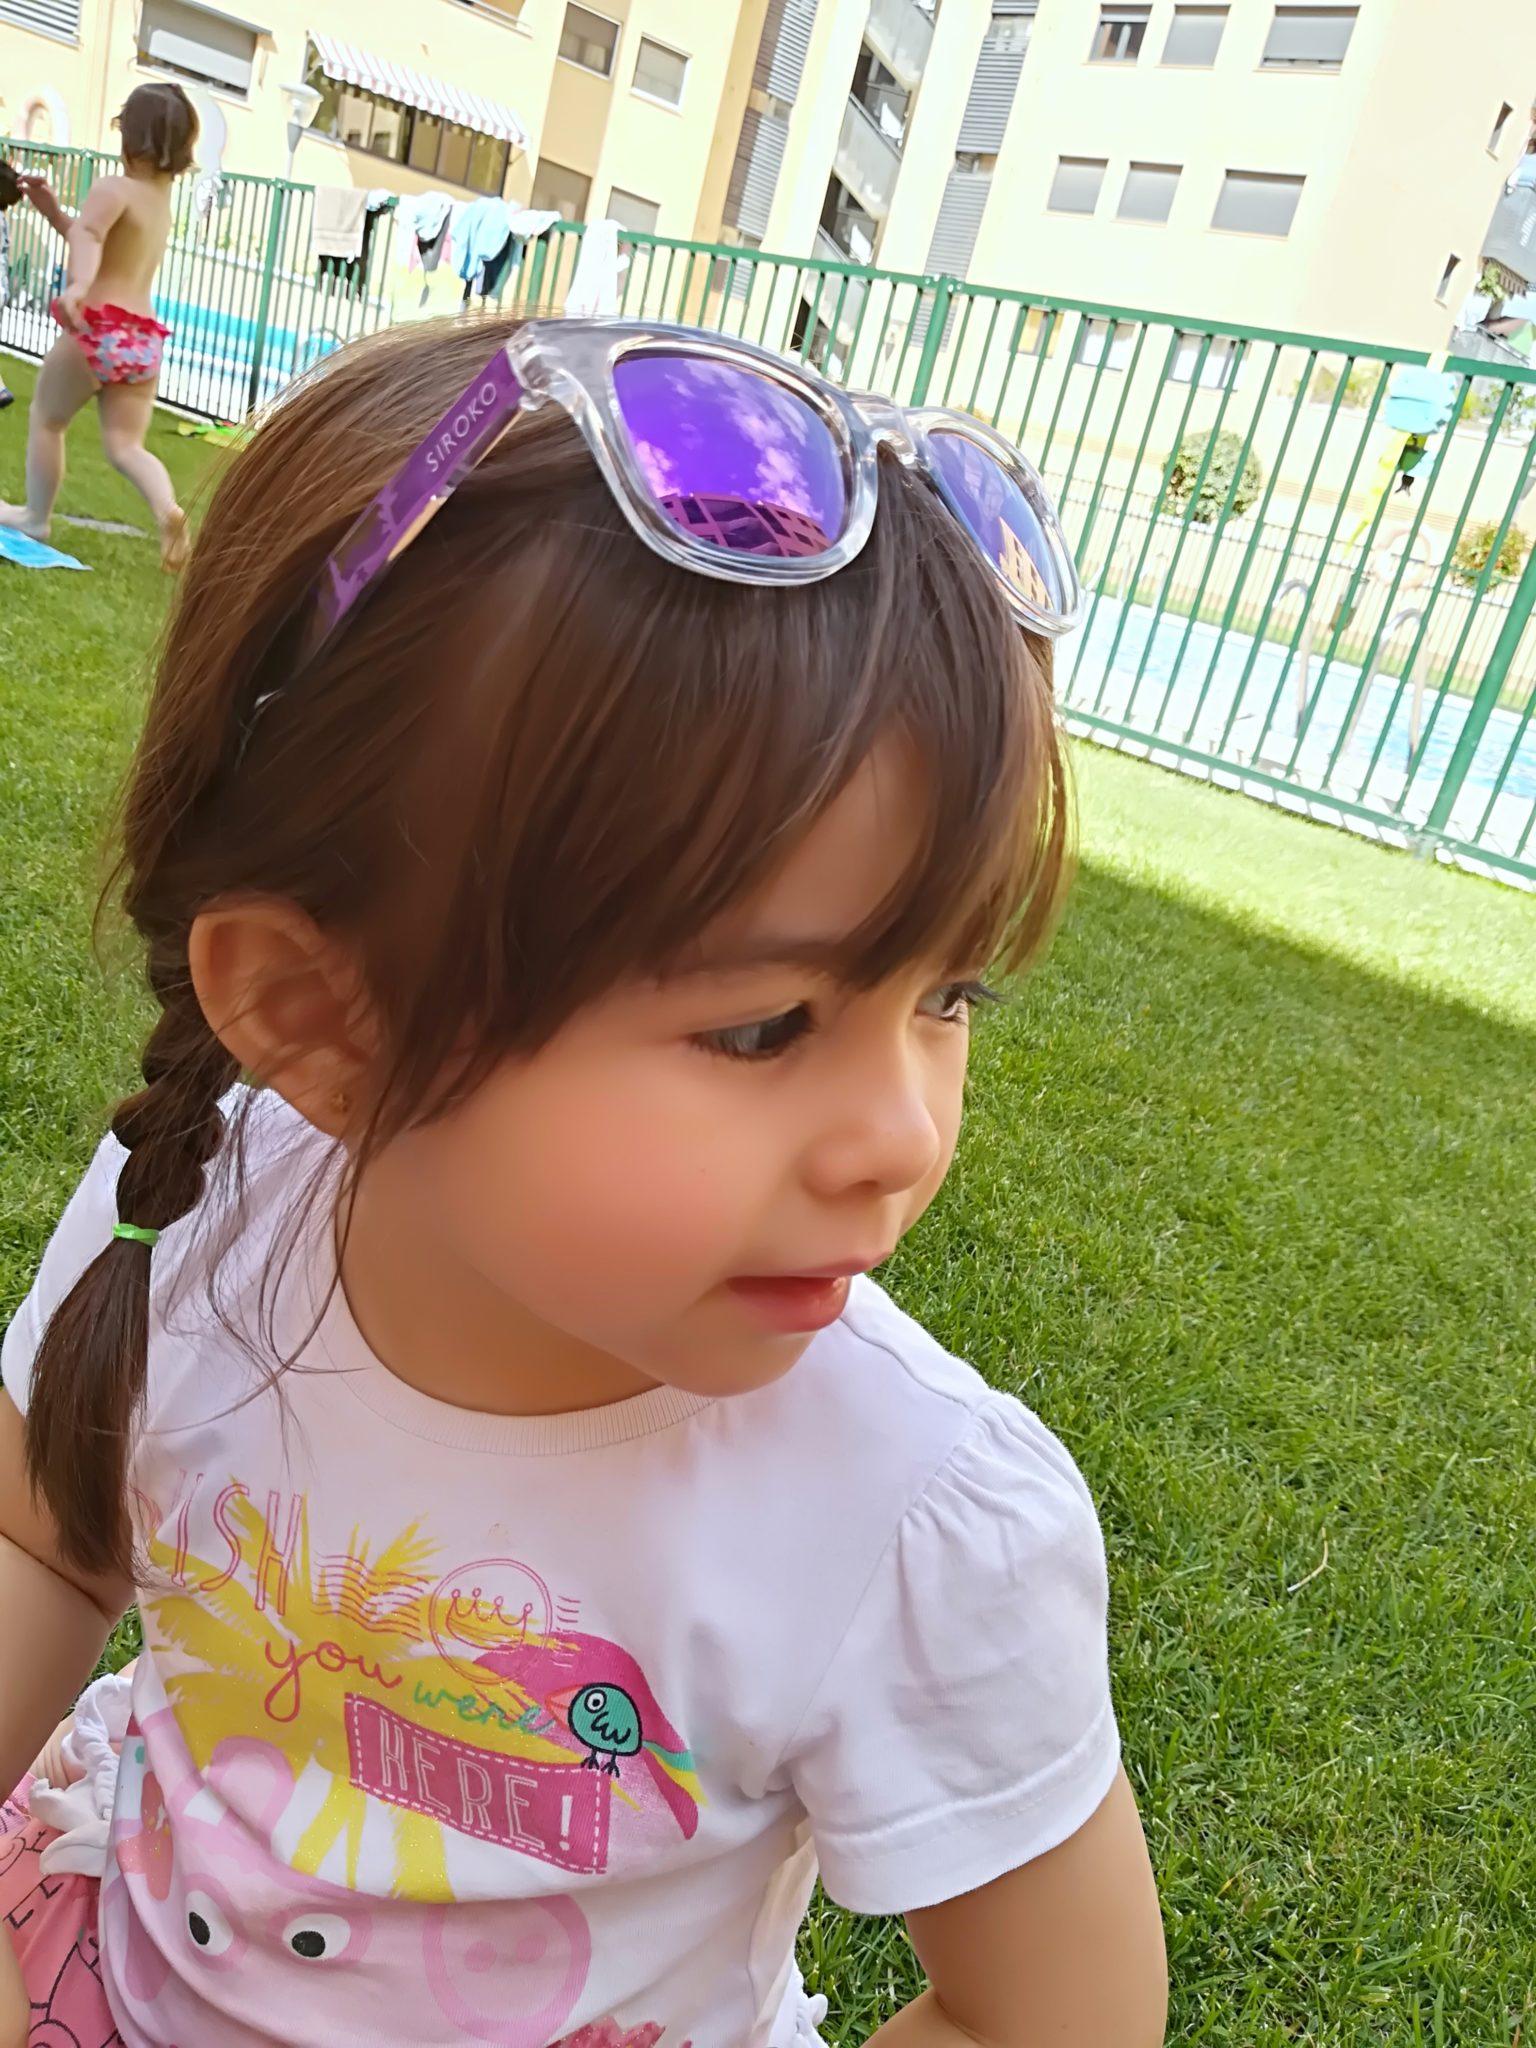 IMG 20180614 172430 - Gafas de sol para niños. Cual escoger?